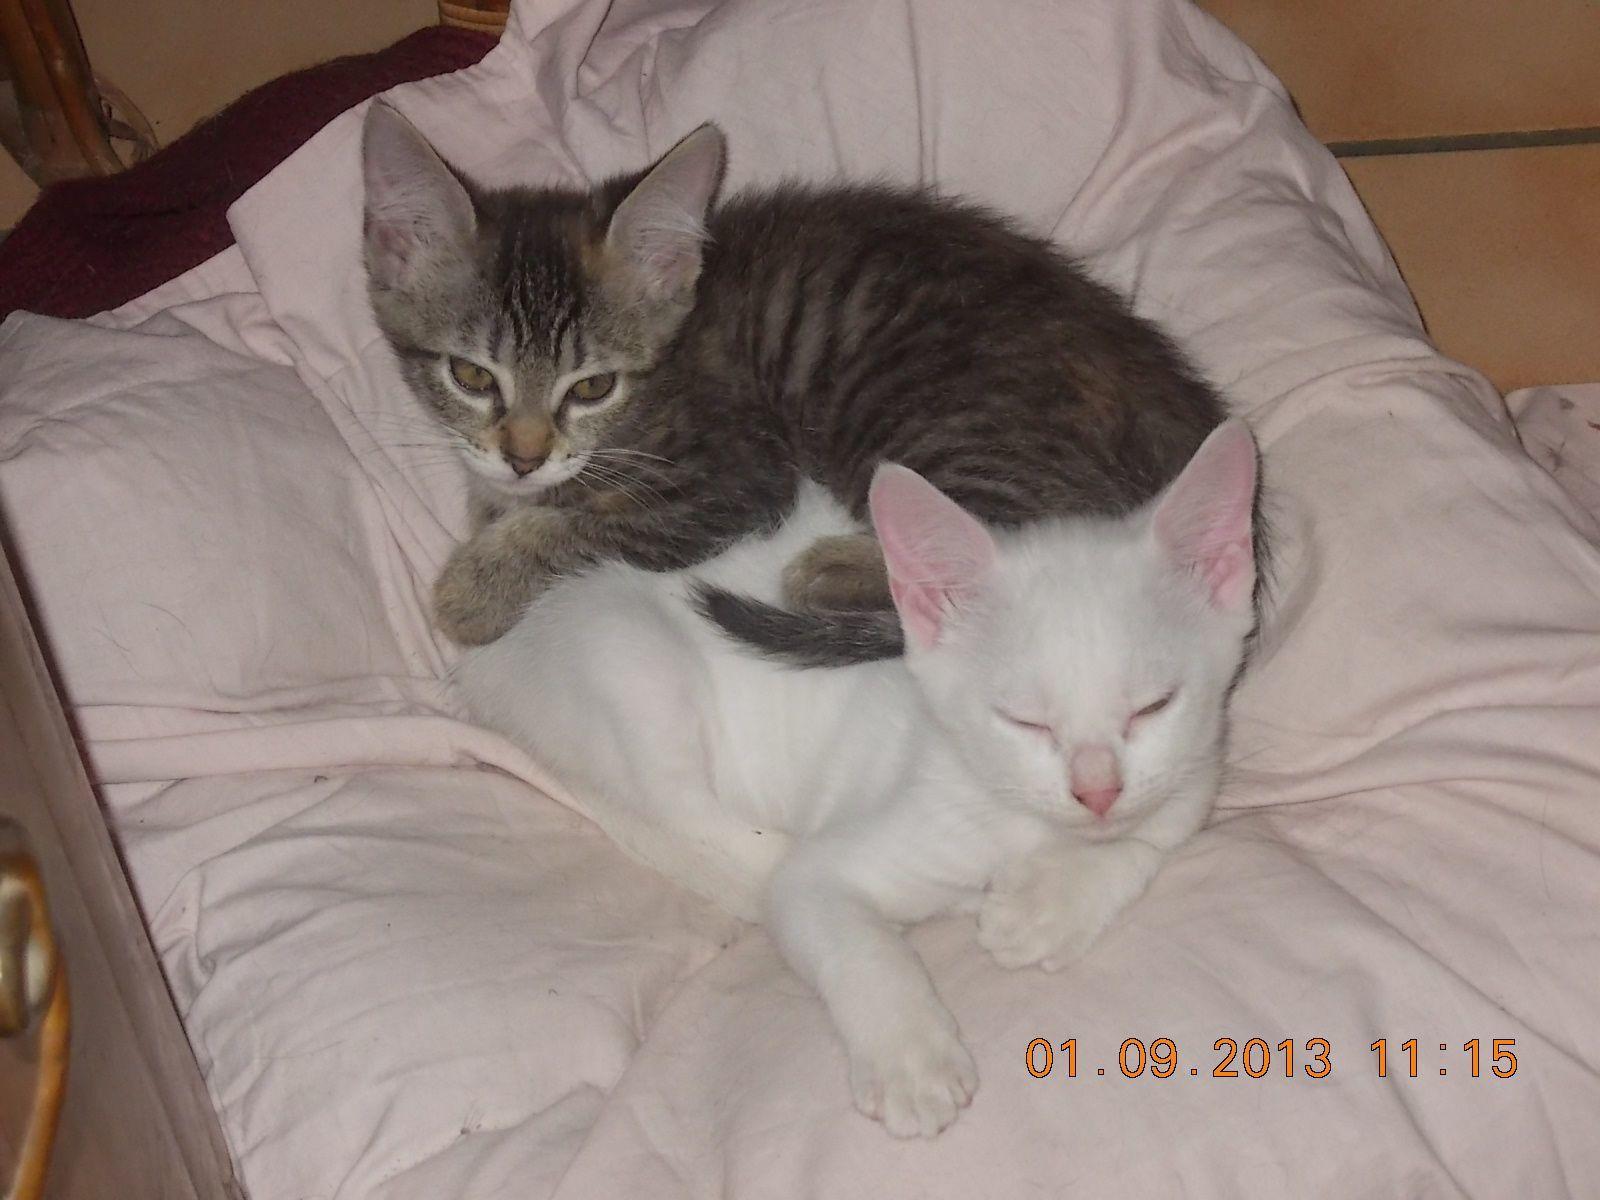 Idylle et Icare : une vie de chats nantis !